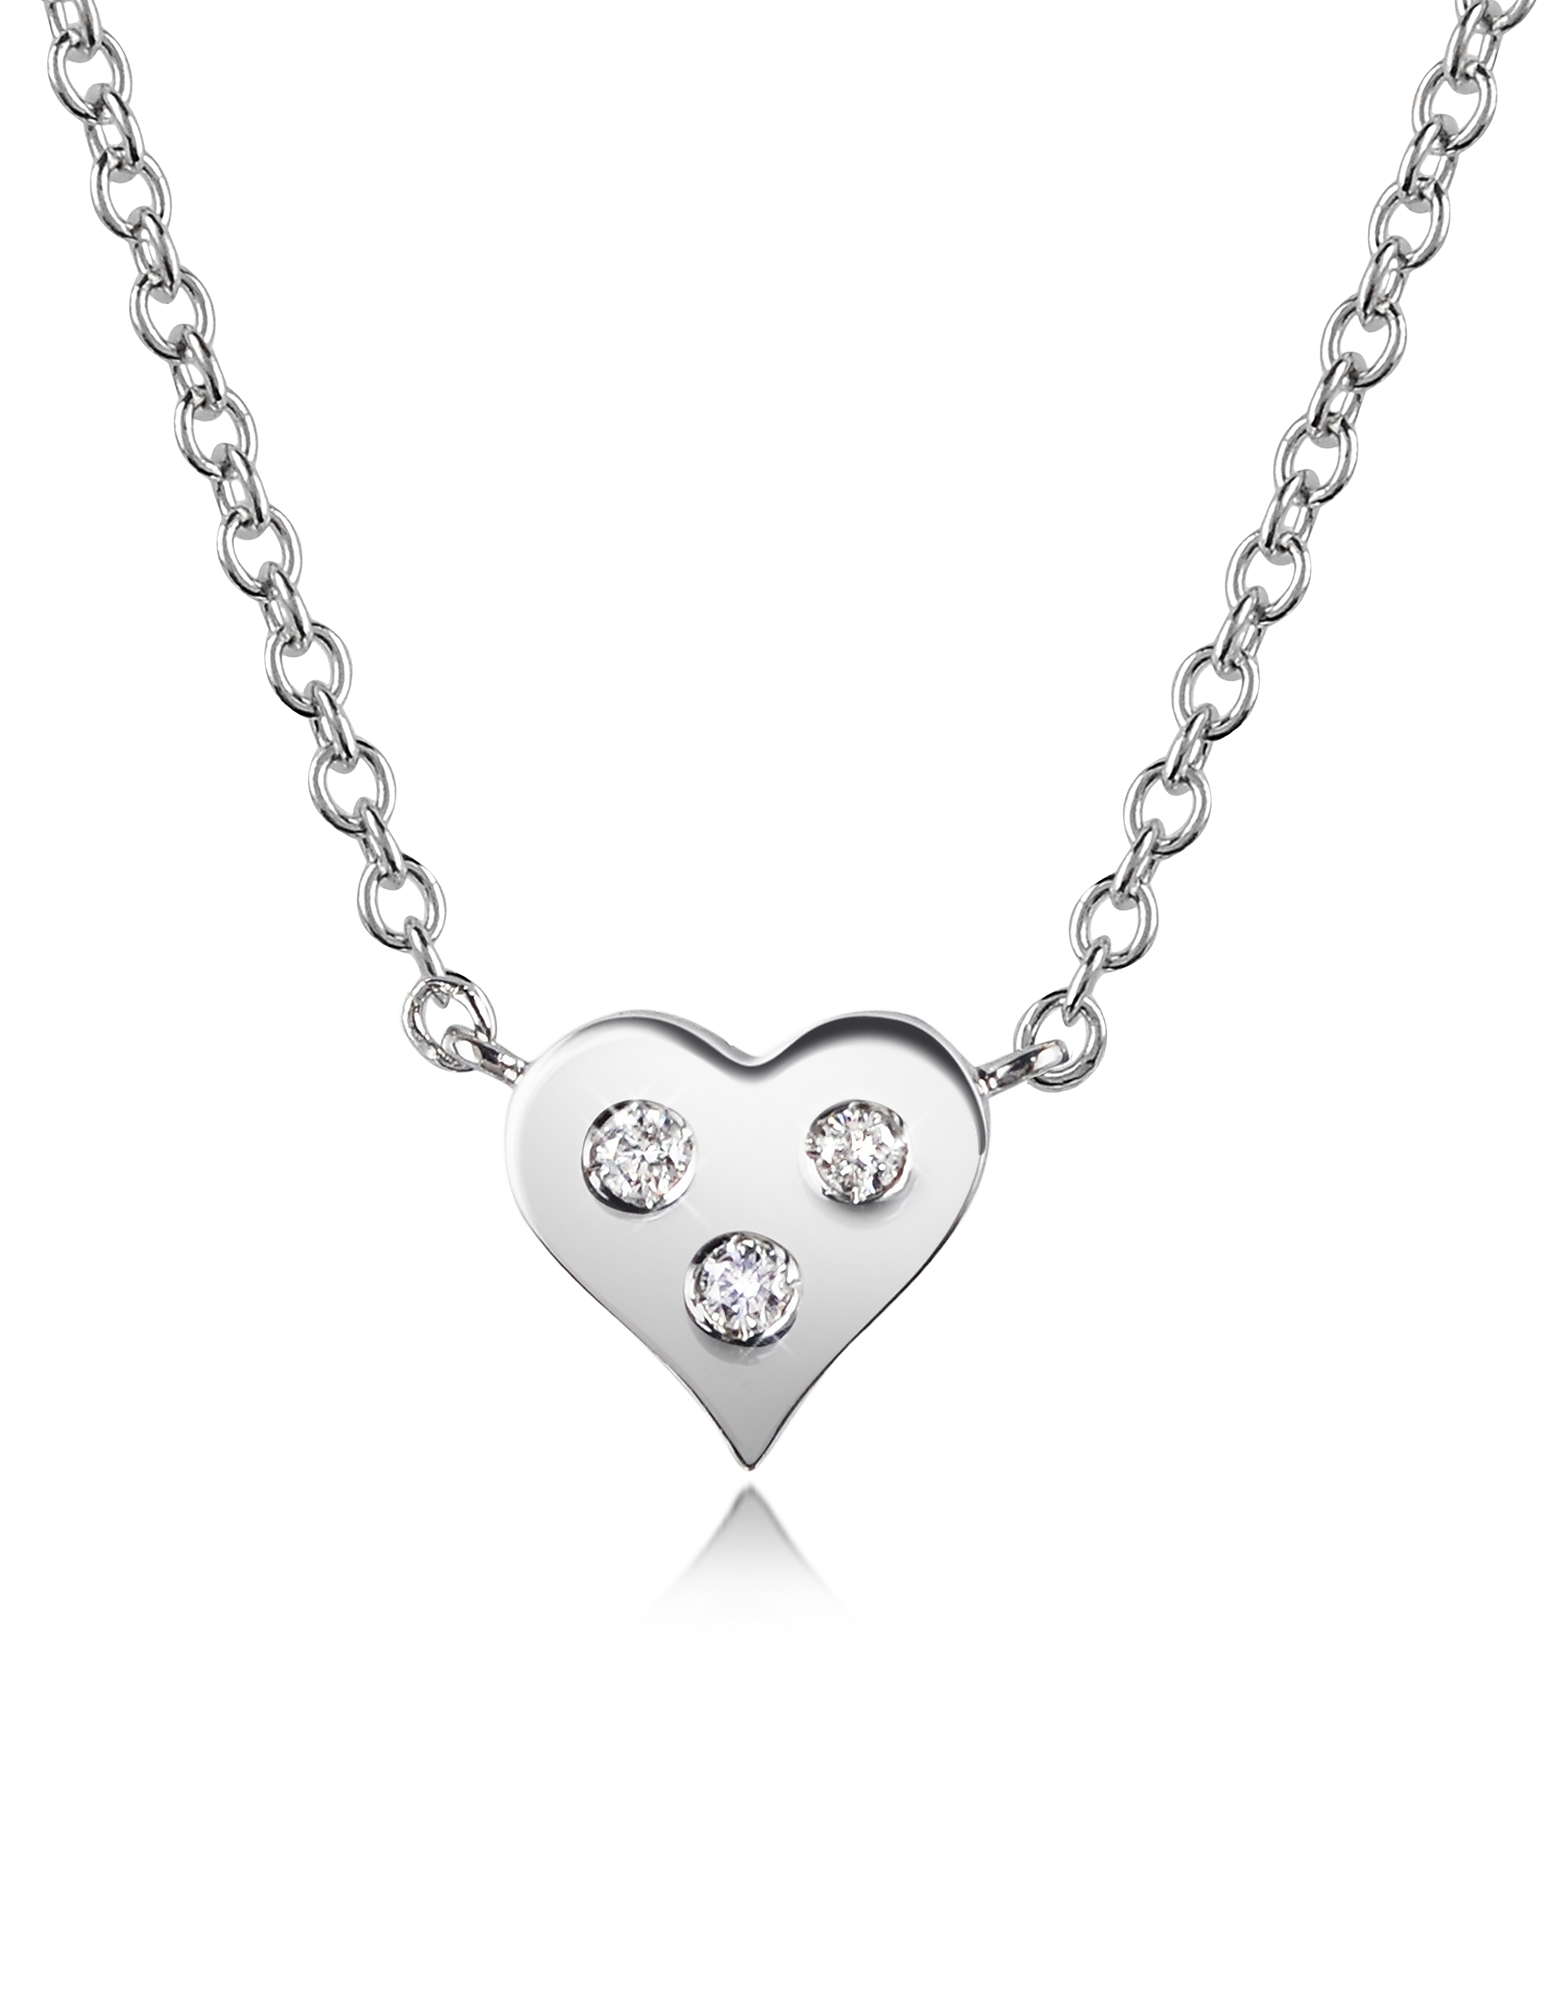 Колье с Подвеской-Сердцем, Украшенной Бриллиантами 0.05 карата